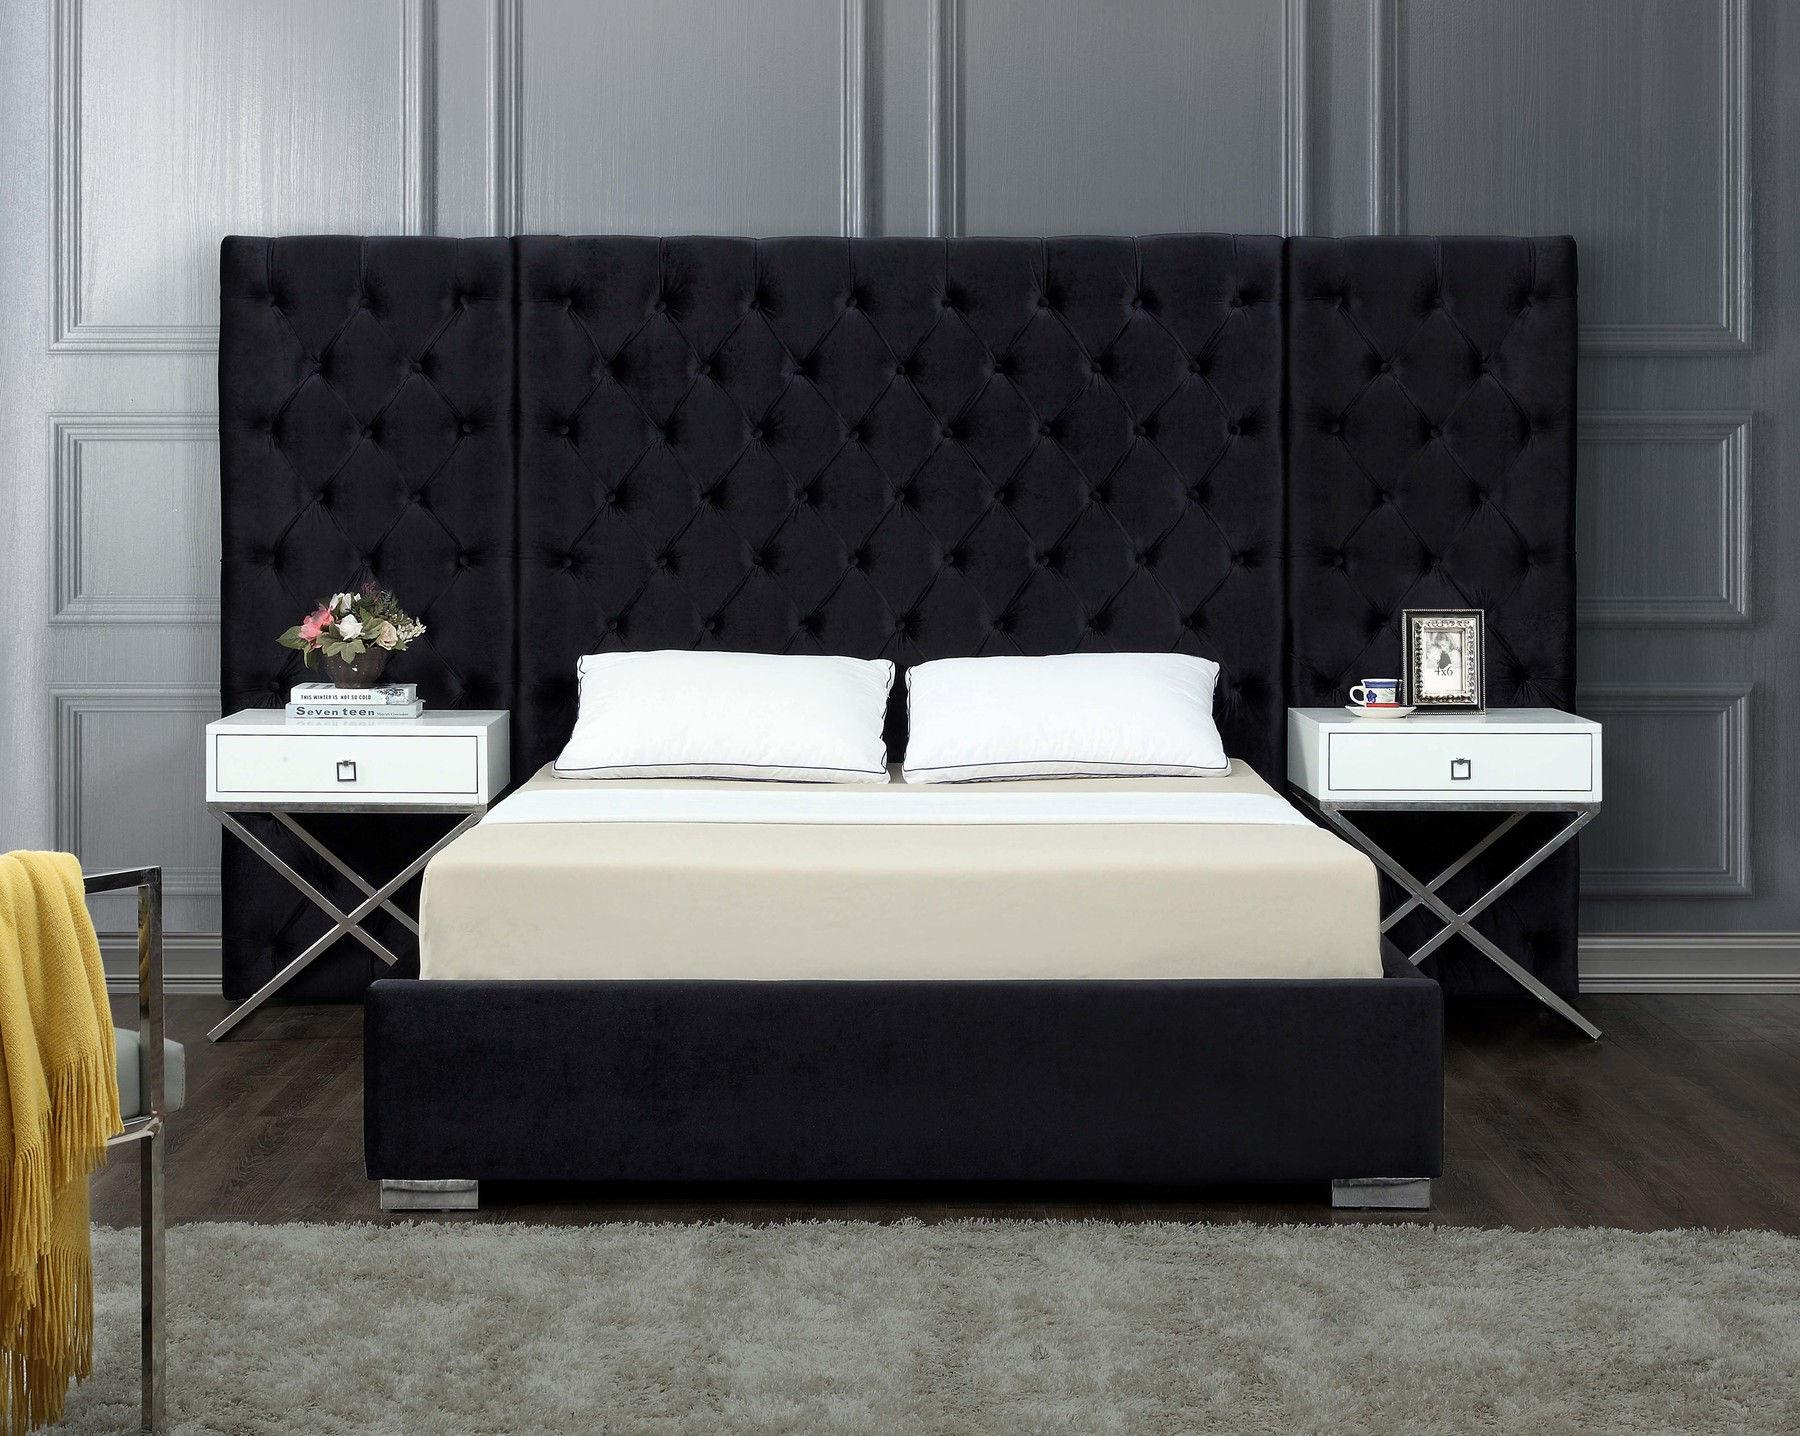 Grande Black King Size Bed Grande Meridian Furniture King Size Beds Comfyco Furniture